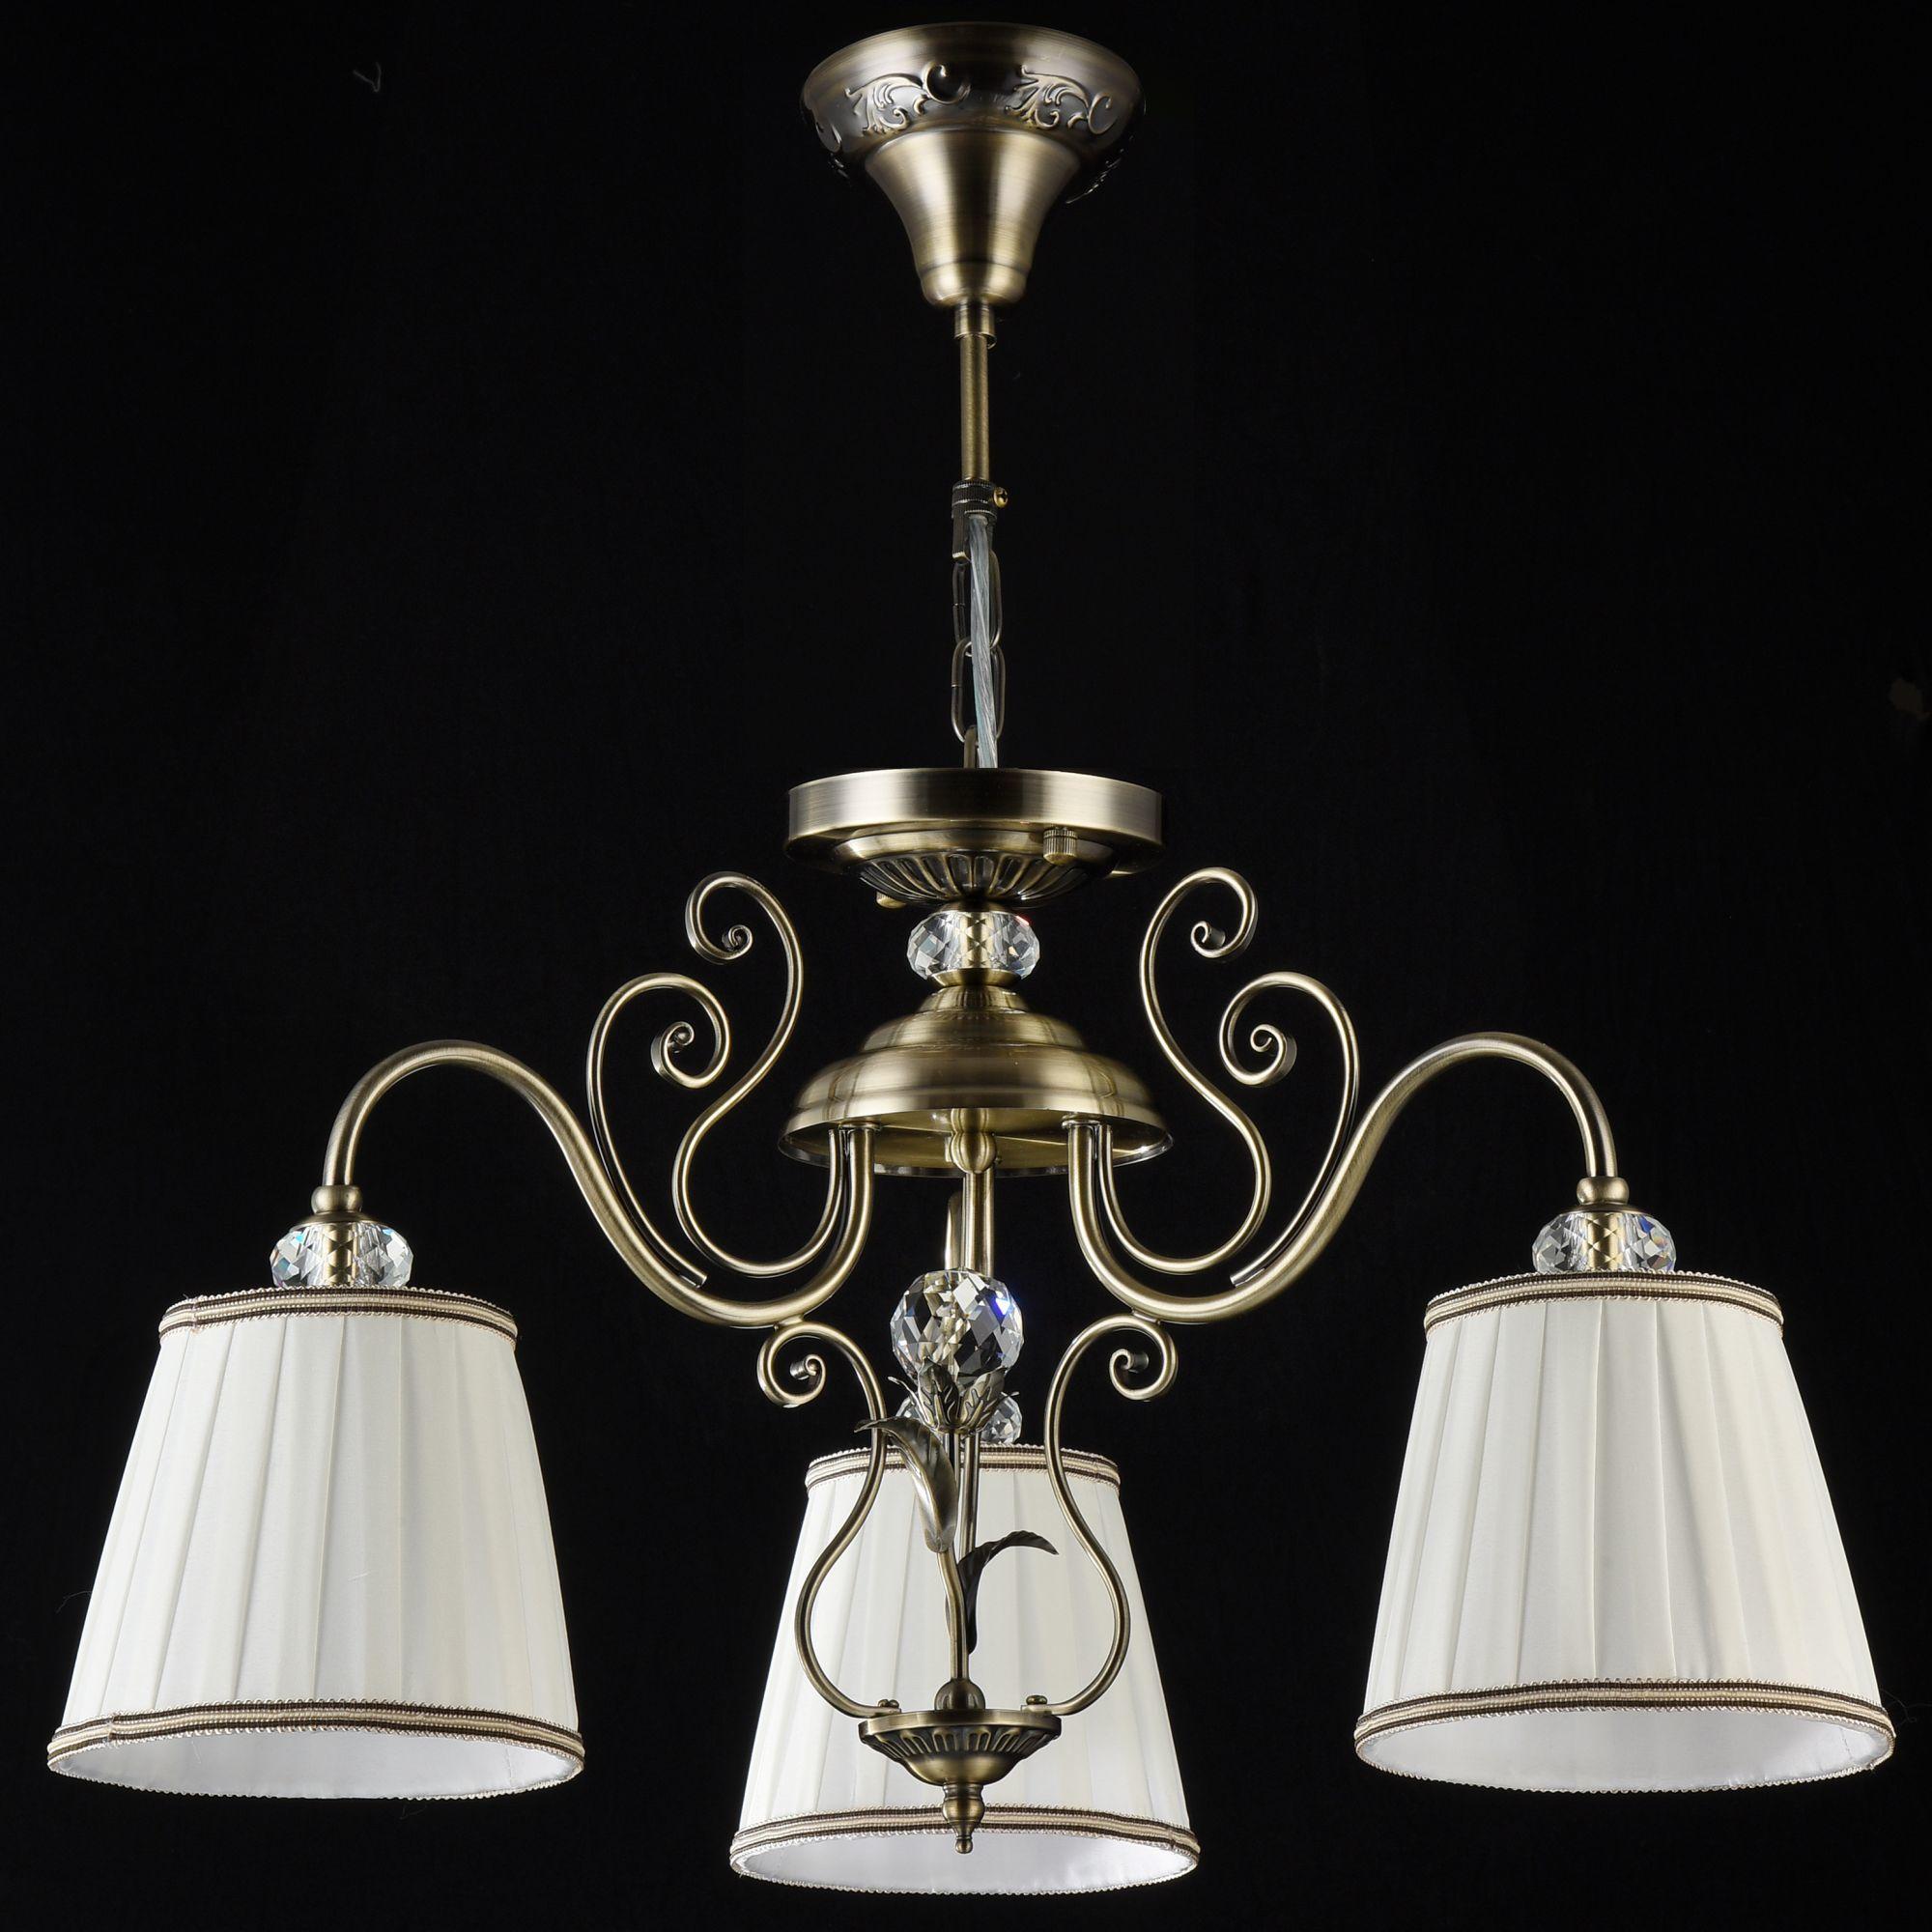 Потолочно-подвесная люстра Maytoni Vintage ARM420-03-R, 3xE14x40W, бронза, белый, металл, текстиль - фото 2